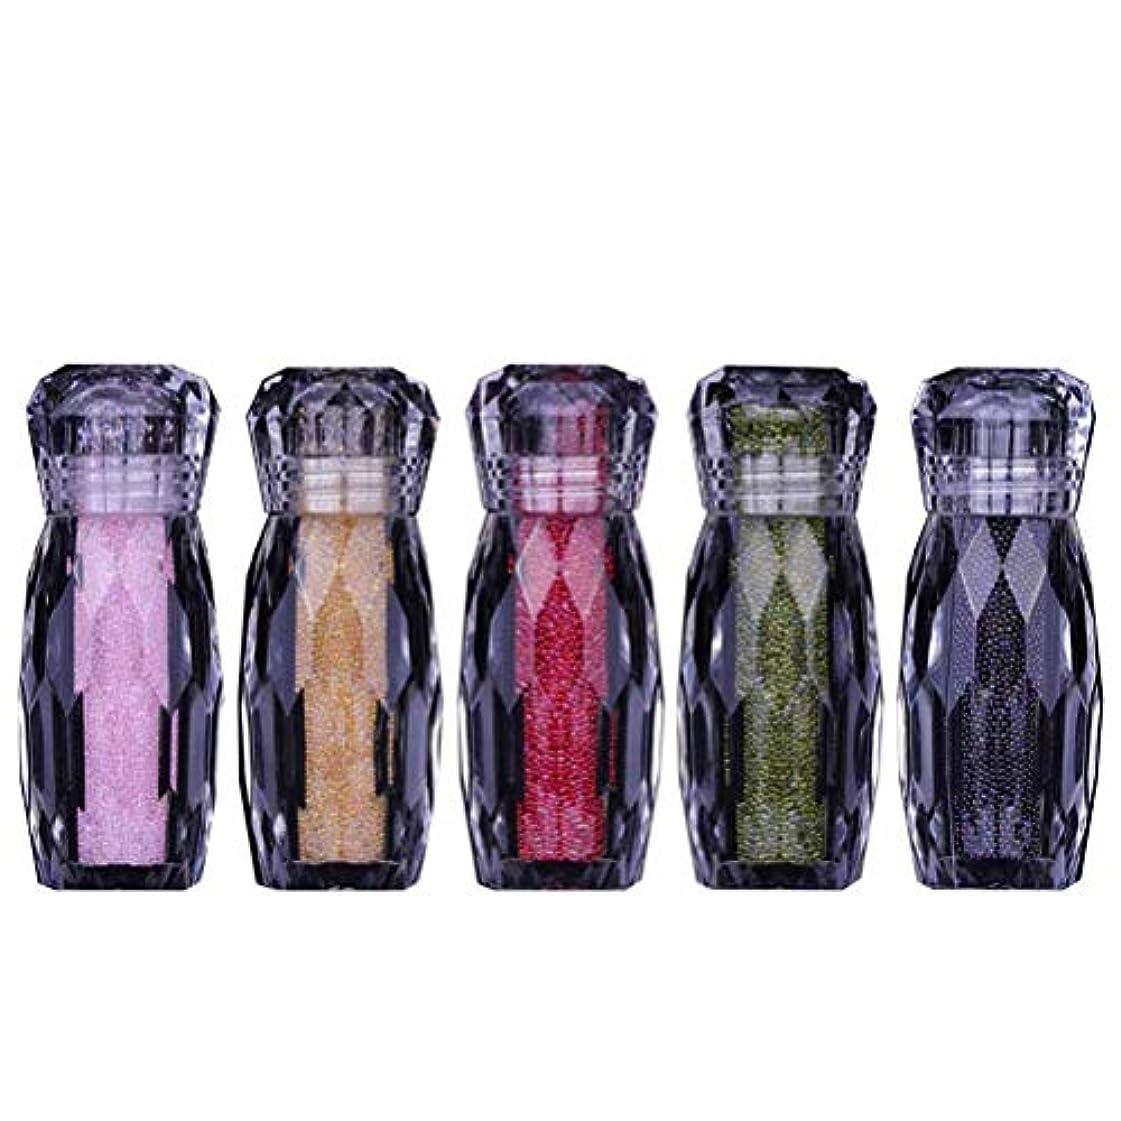 かんたん叫ぶ流Lurrose 5ピースネイルアートラインストーンキットdiyの光沢のあるラインストーンダイヤモンドビーズ用ネイルアートの装飾用品